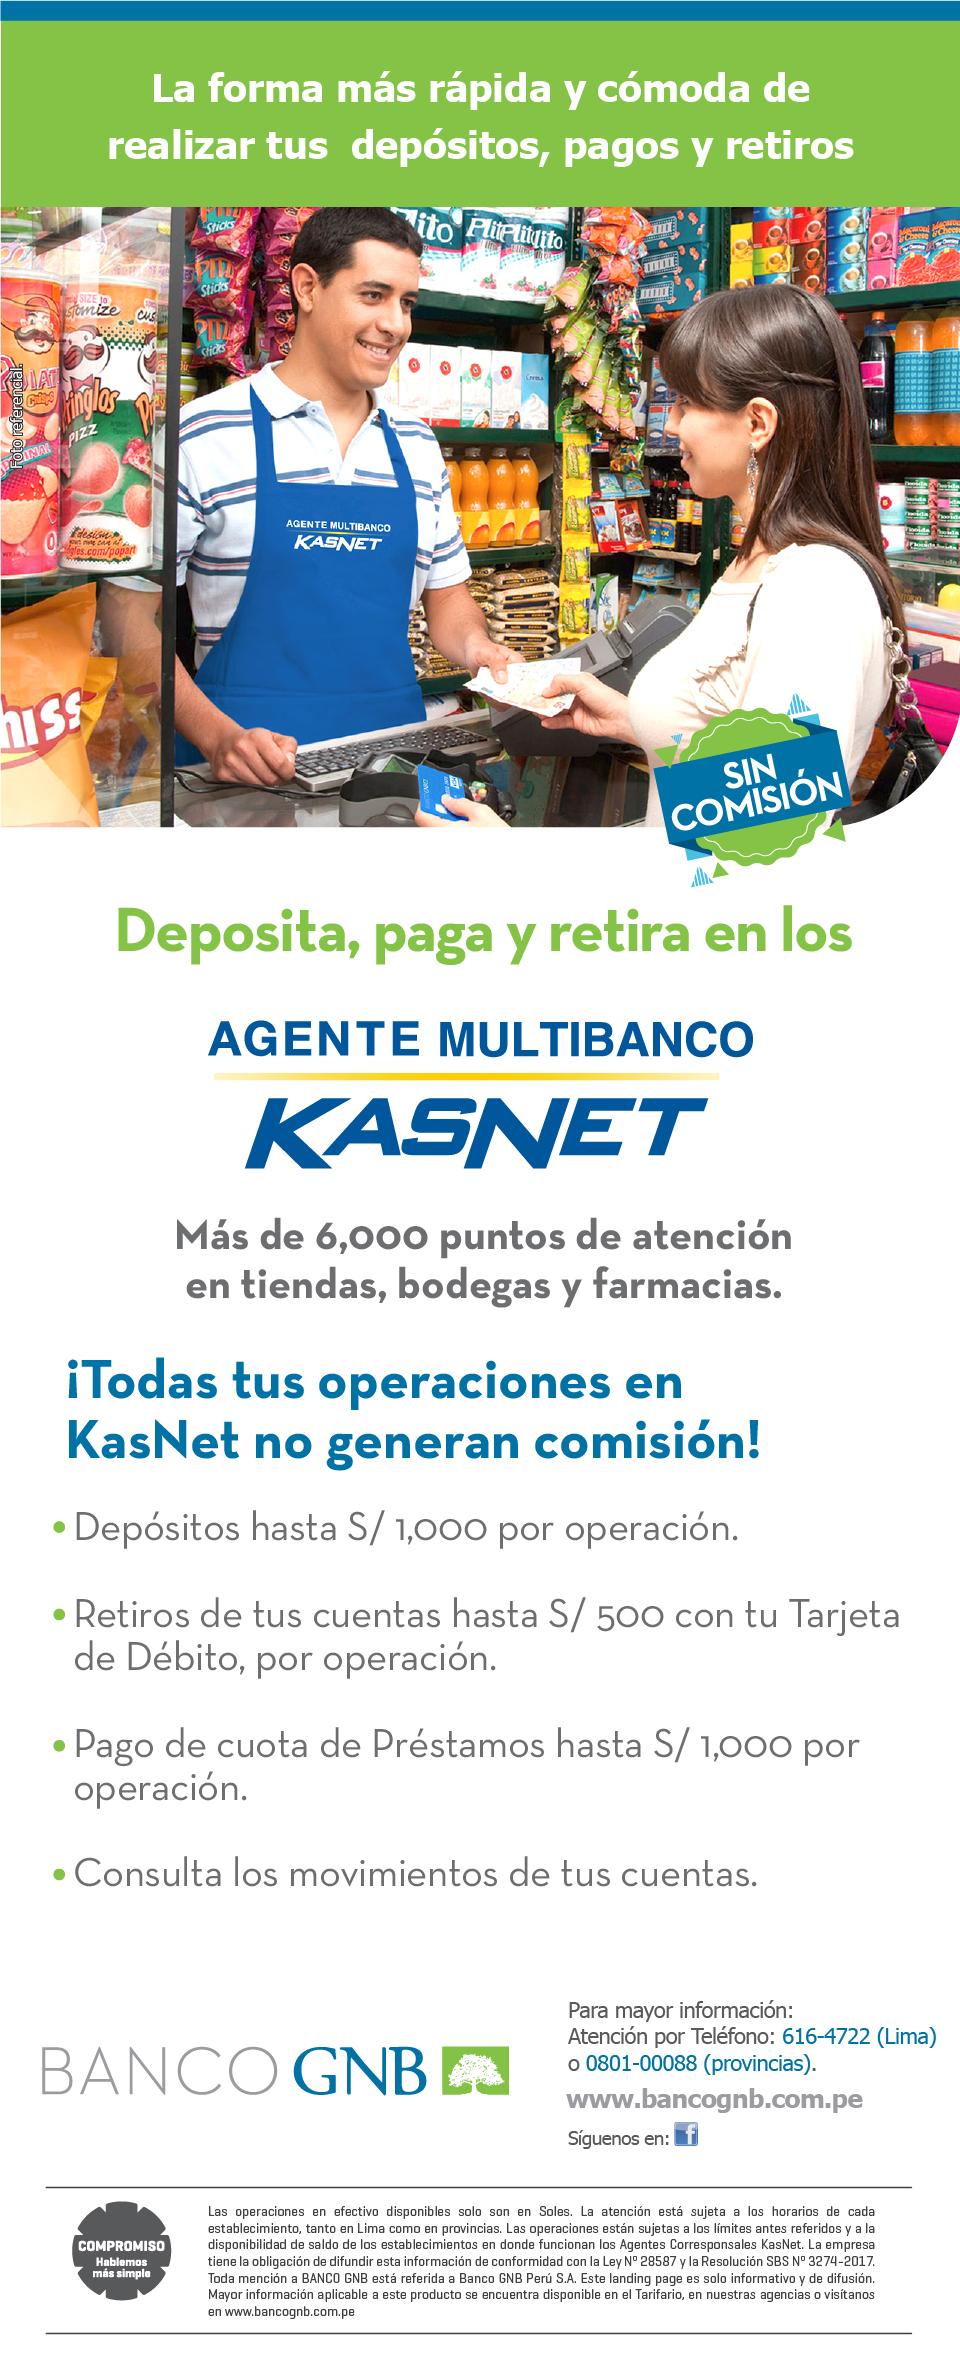 Banco GNB Perú